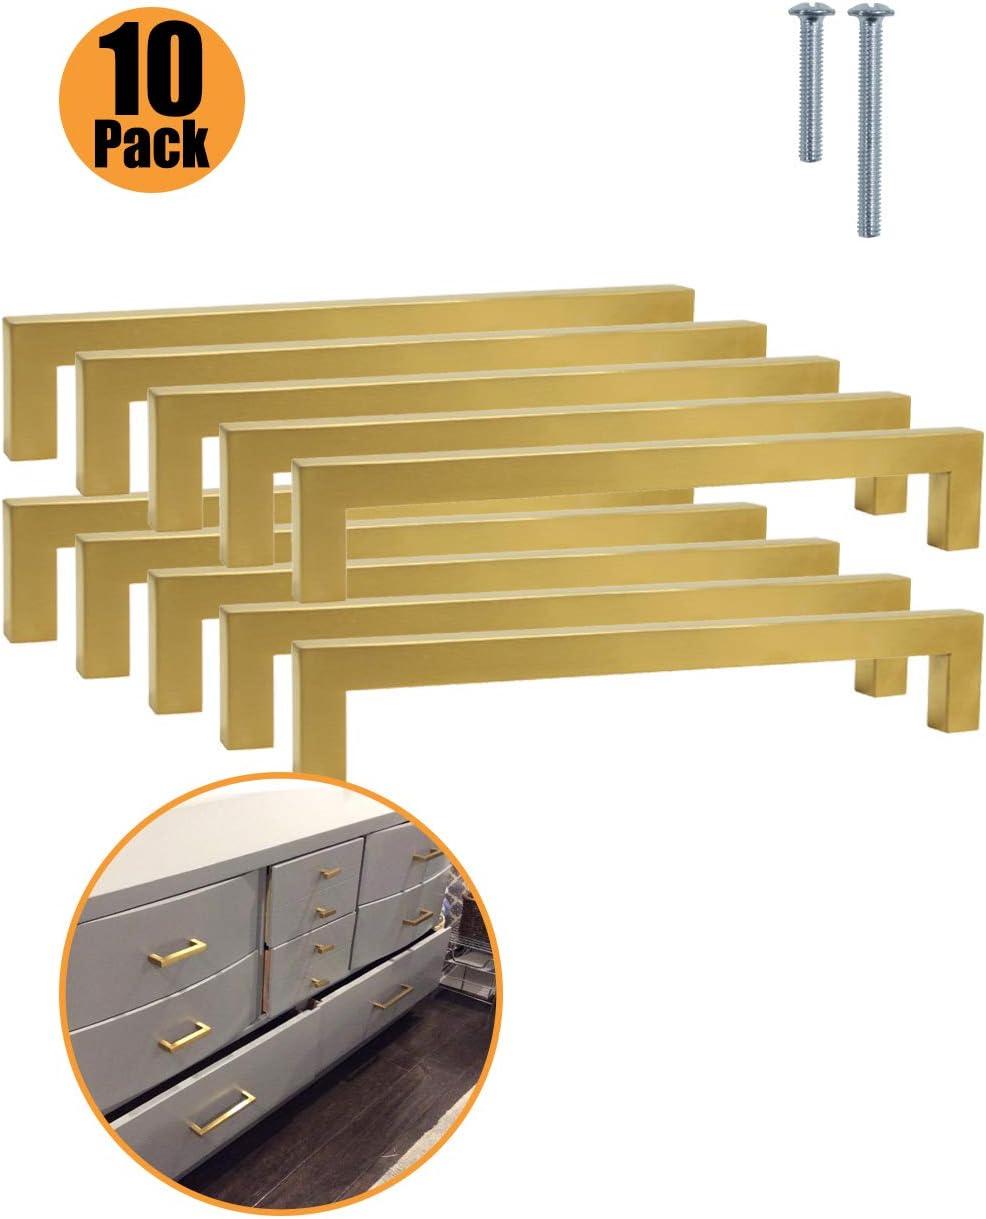 Probrico - 10X pomos cuadrados de latón cepillado para puerta de armario de cocina de acero inoxidable 6 tamaños (50mm 76mm 96mm 128mm 160mm 192mm): Amazon.es: Bricolaje y herramientas